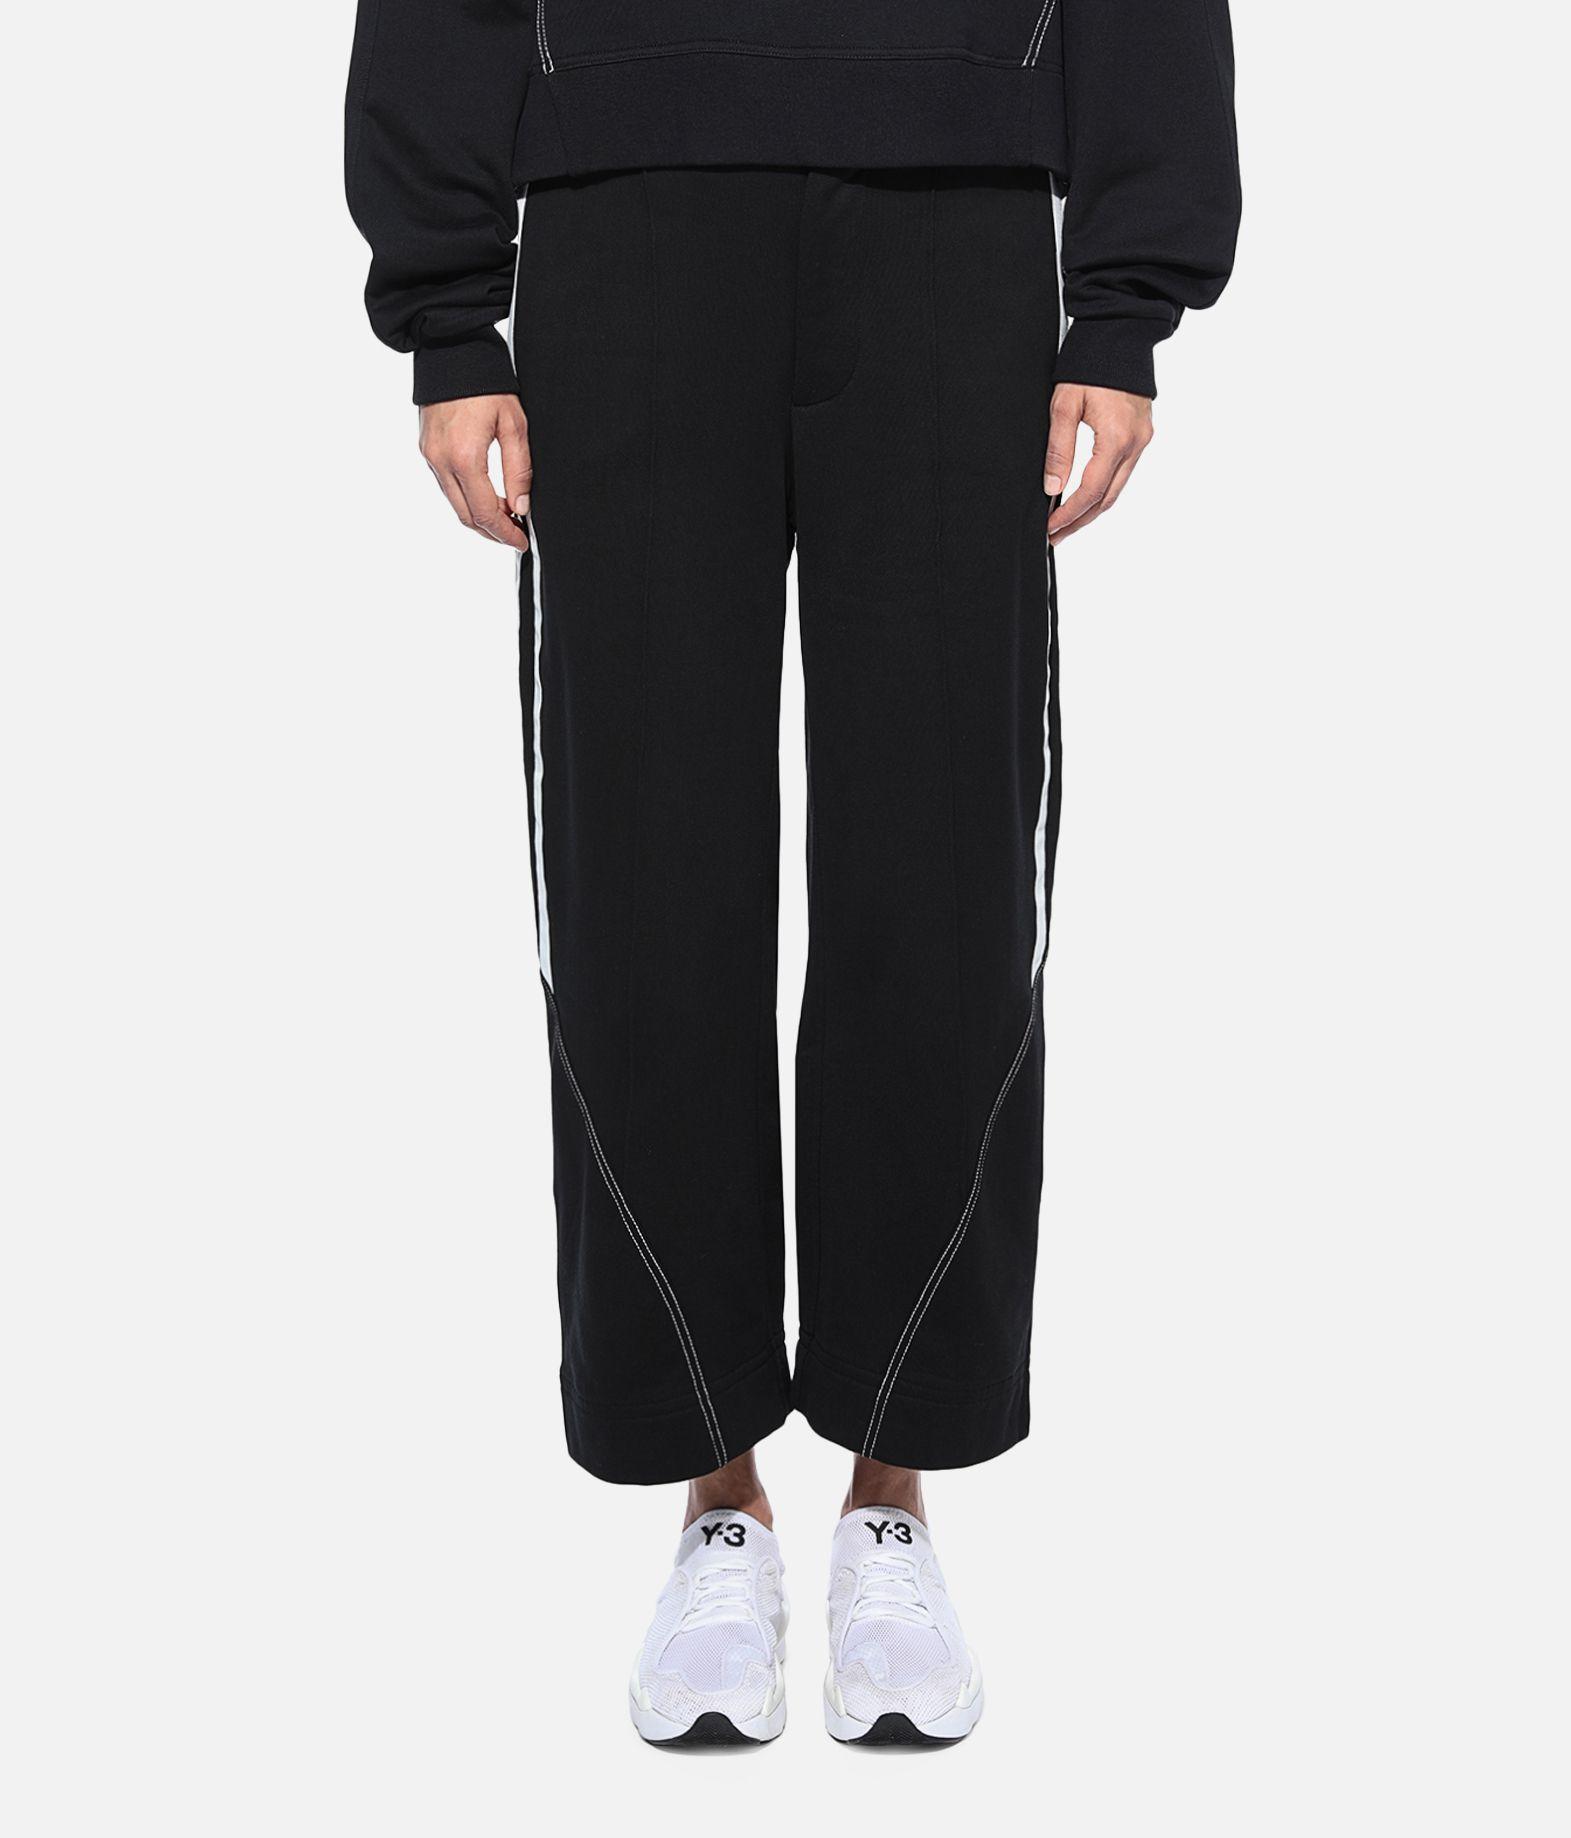 Y-3 Y-3 Wide 3/4 Pants Pantalone felpa Donna r